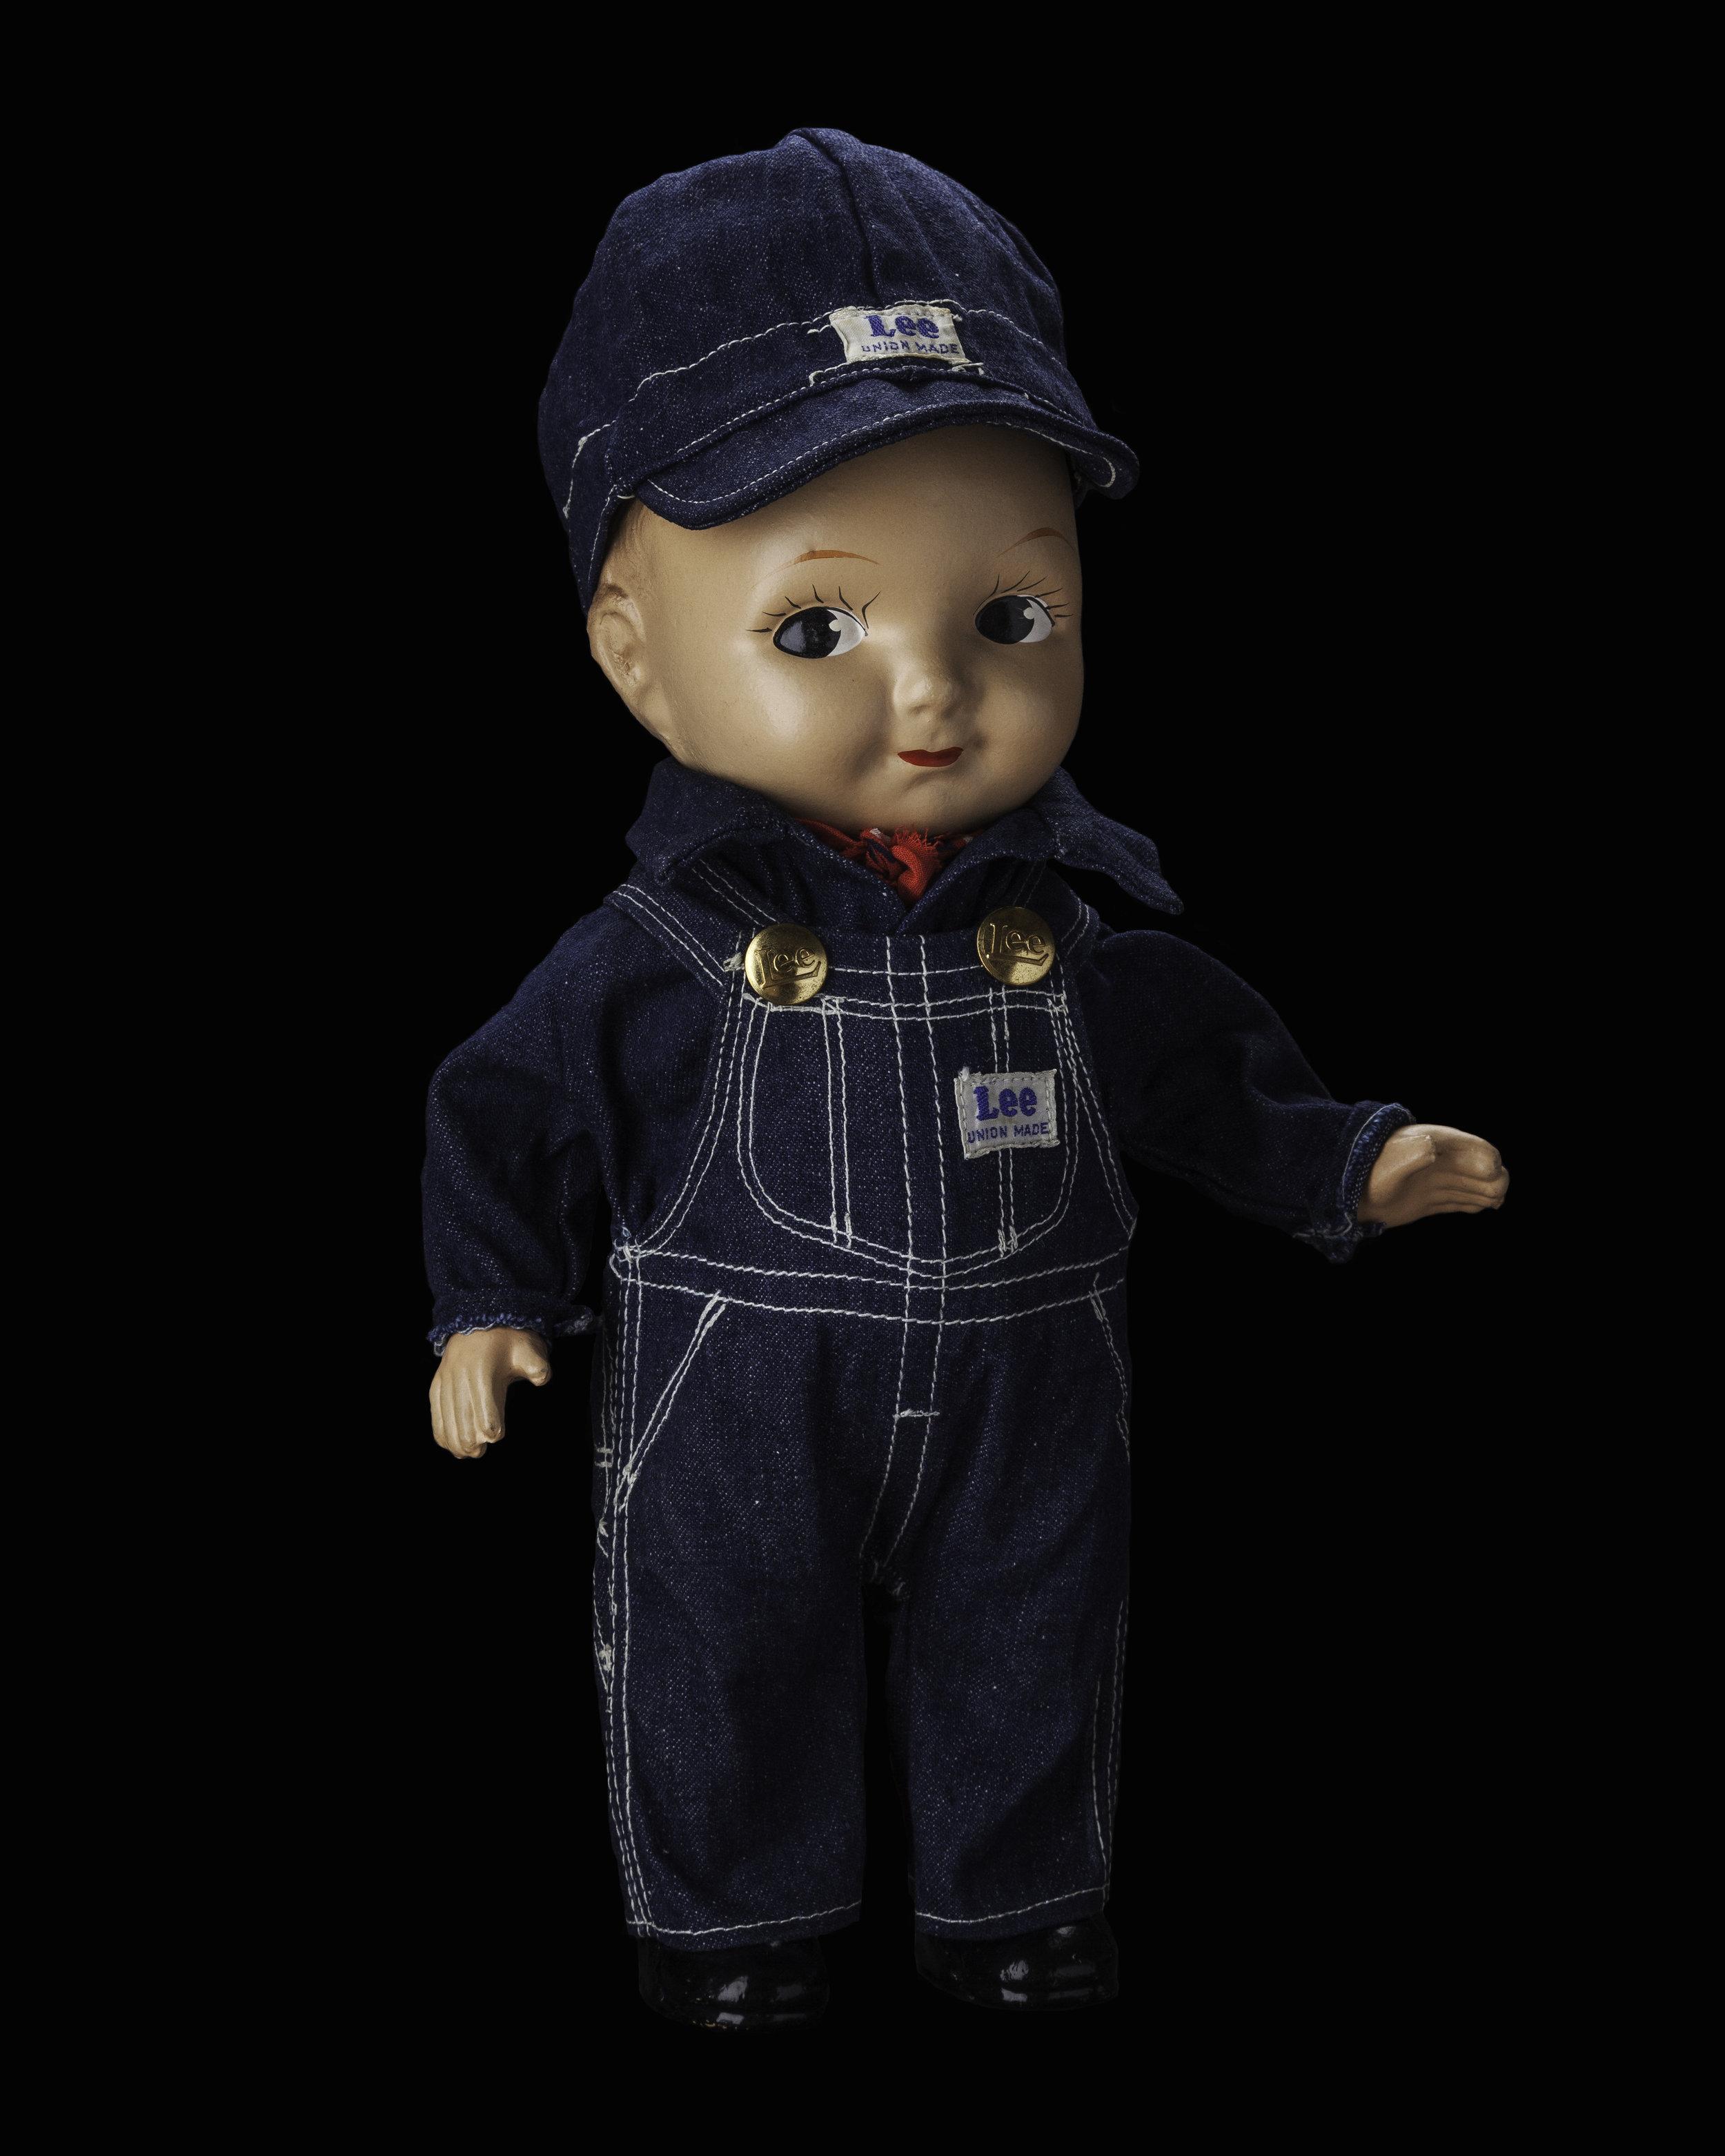 """1950s Lee """"Buddy Lee"""" Doll"""